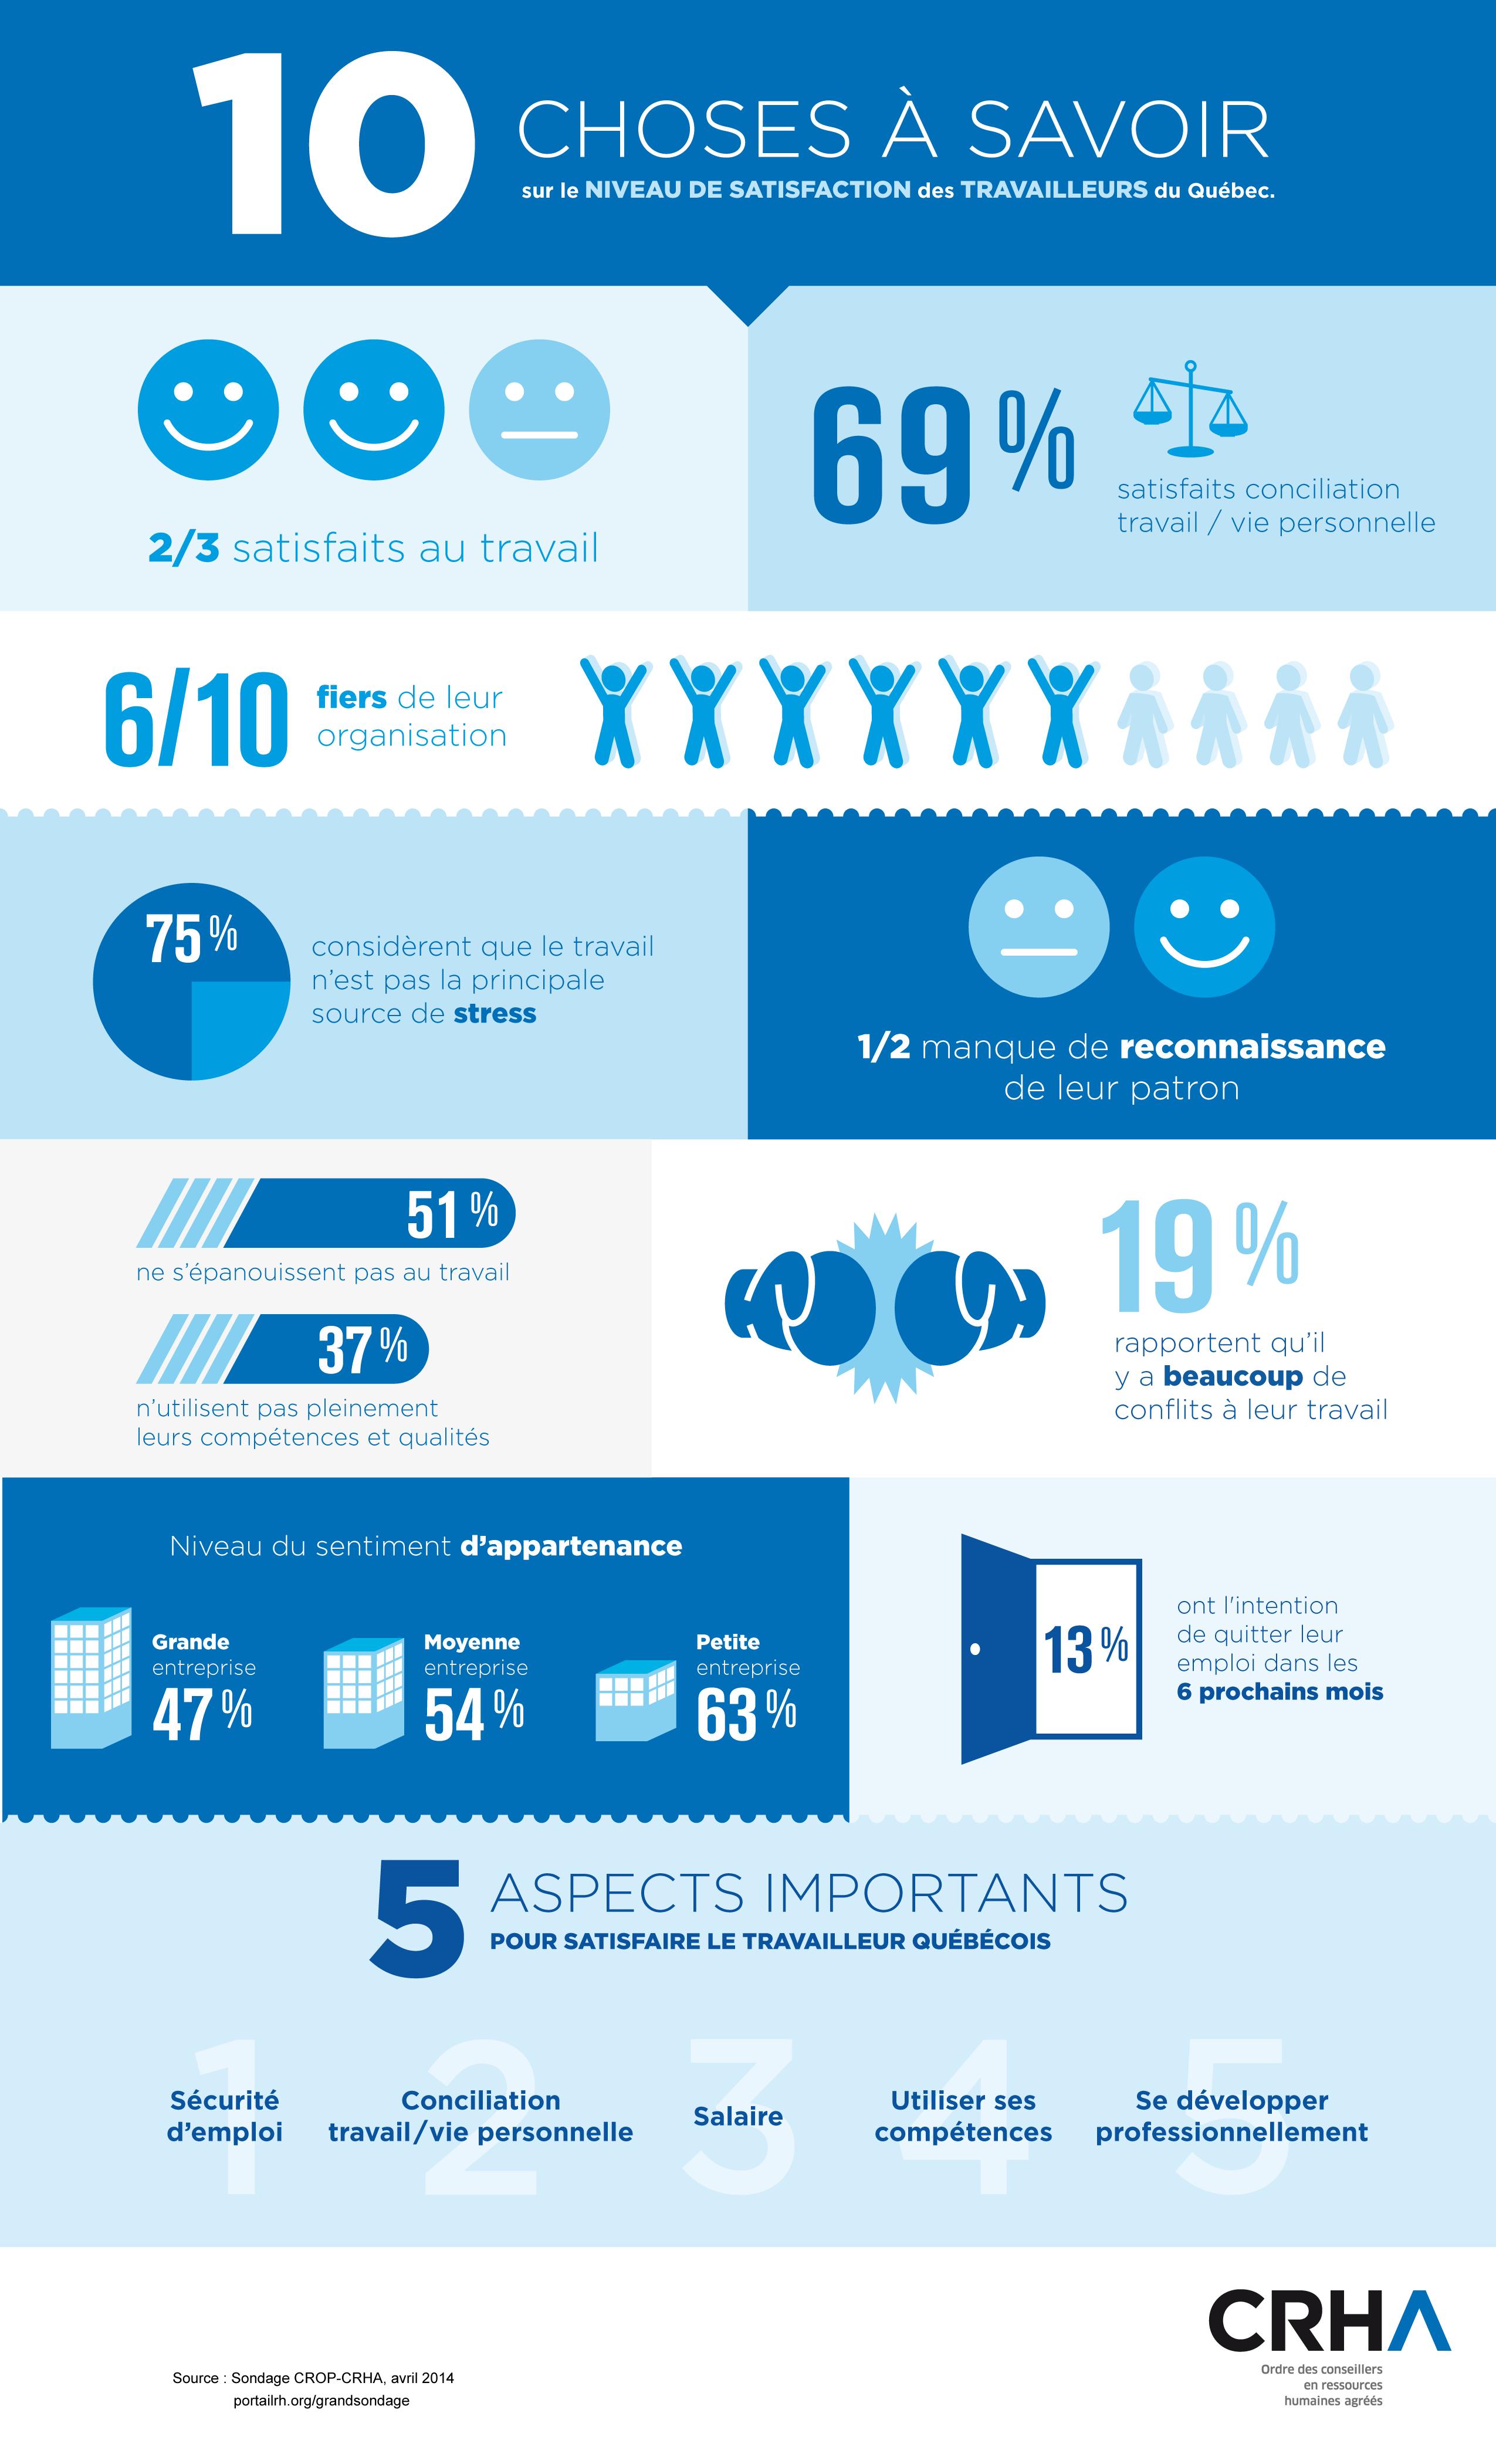 Infographie - Dix choses à savoir sur le niveau de satisfaction des travailleurs du Québec